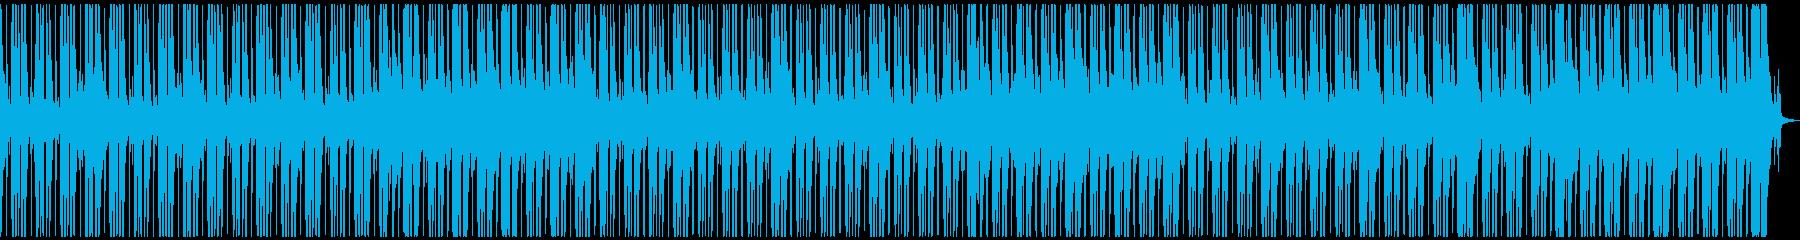 酒場 哀愁 男 HIPHOPの再生済みの波形